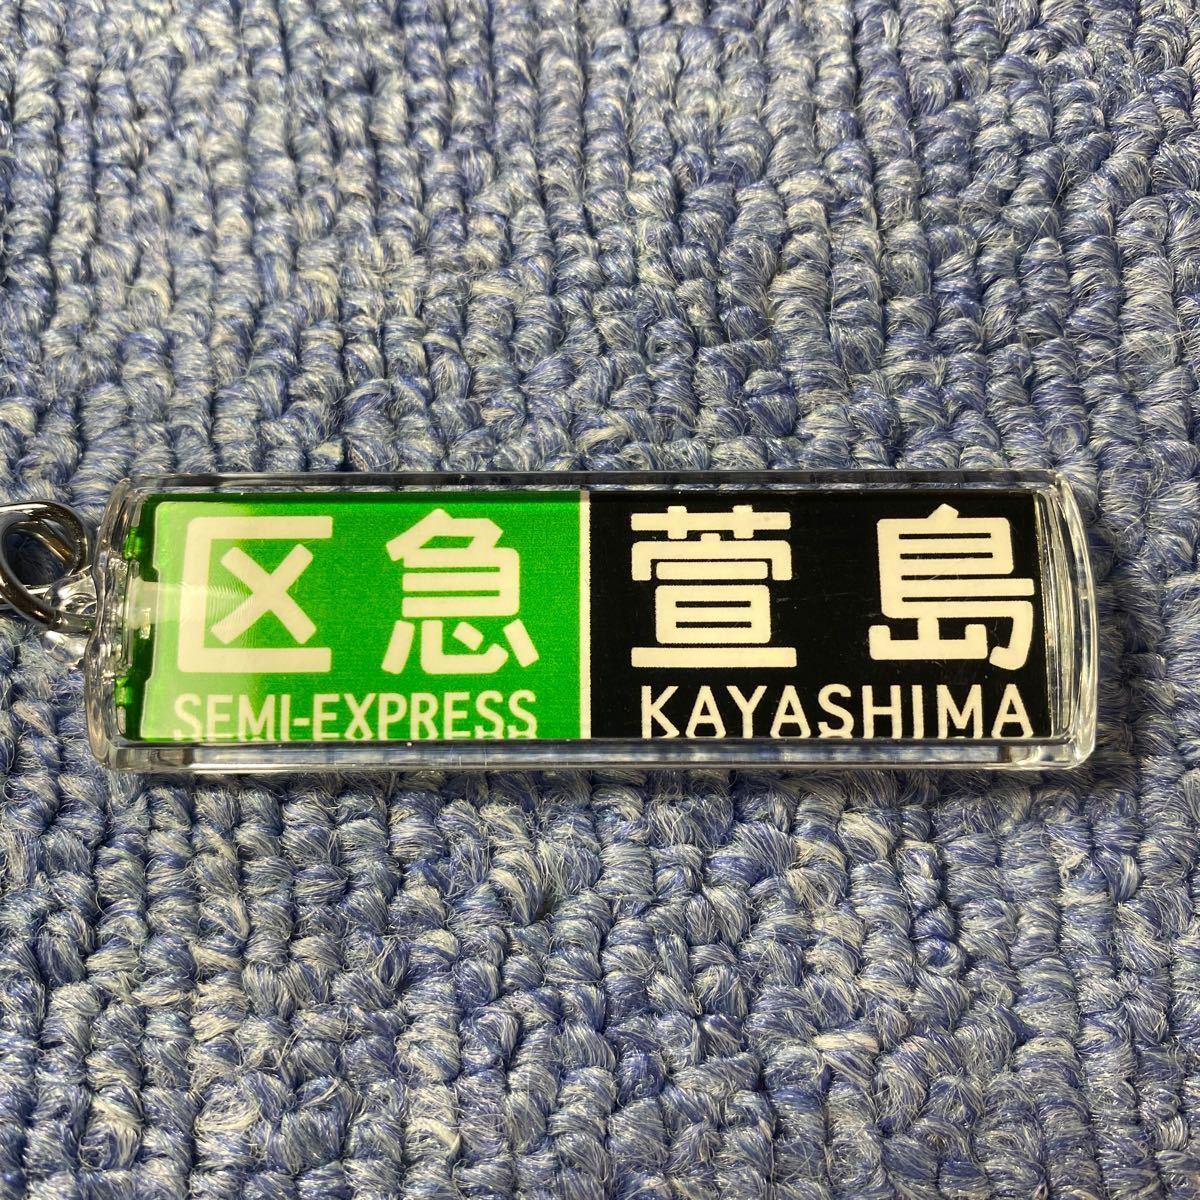 行先表示表 キーホルダー 区急 萱島 電車 鉄道グッズ コレクション レア 未使用_画像2